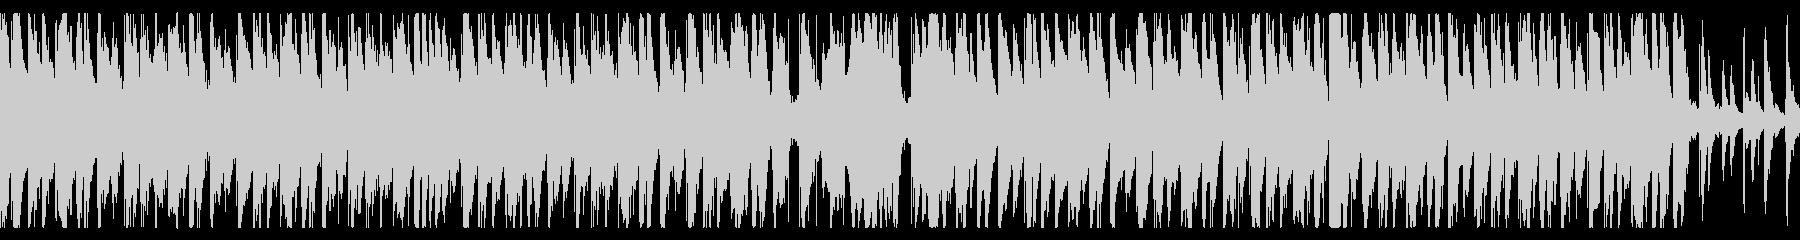 ハウス/夕日が沈む海にオシャレギターの未再生の波形